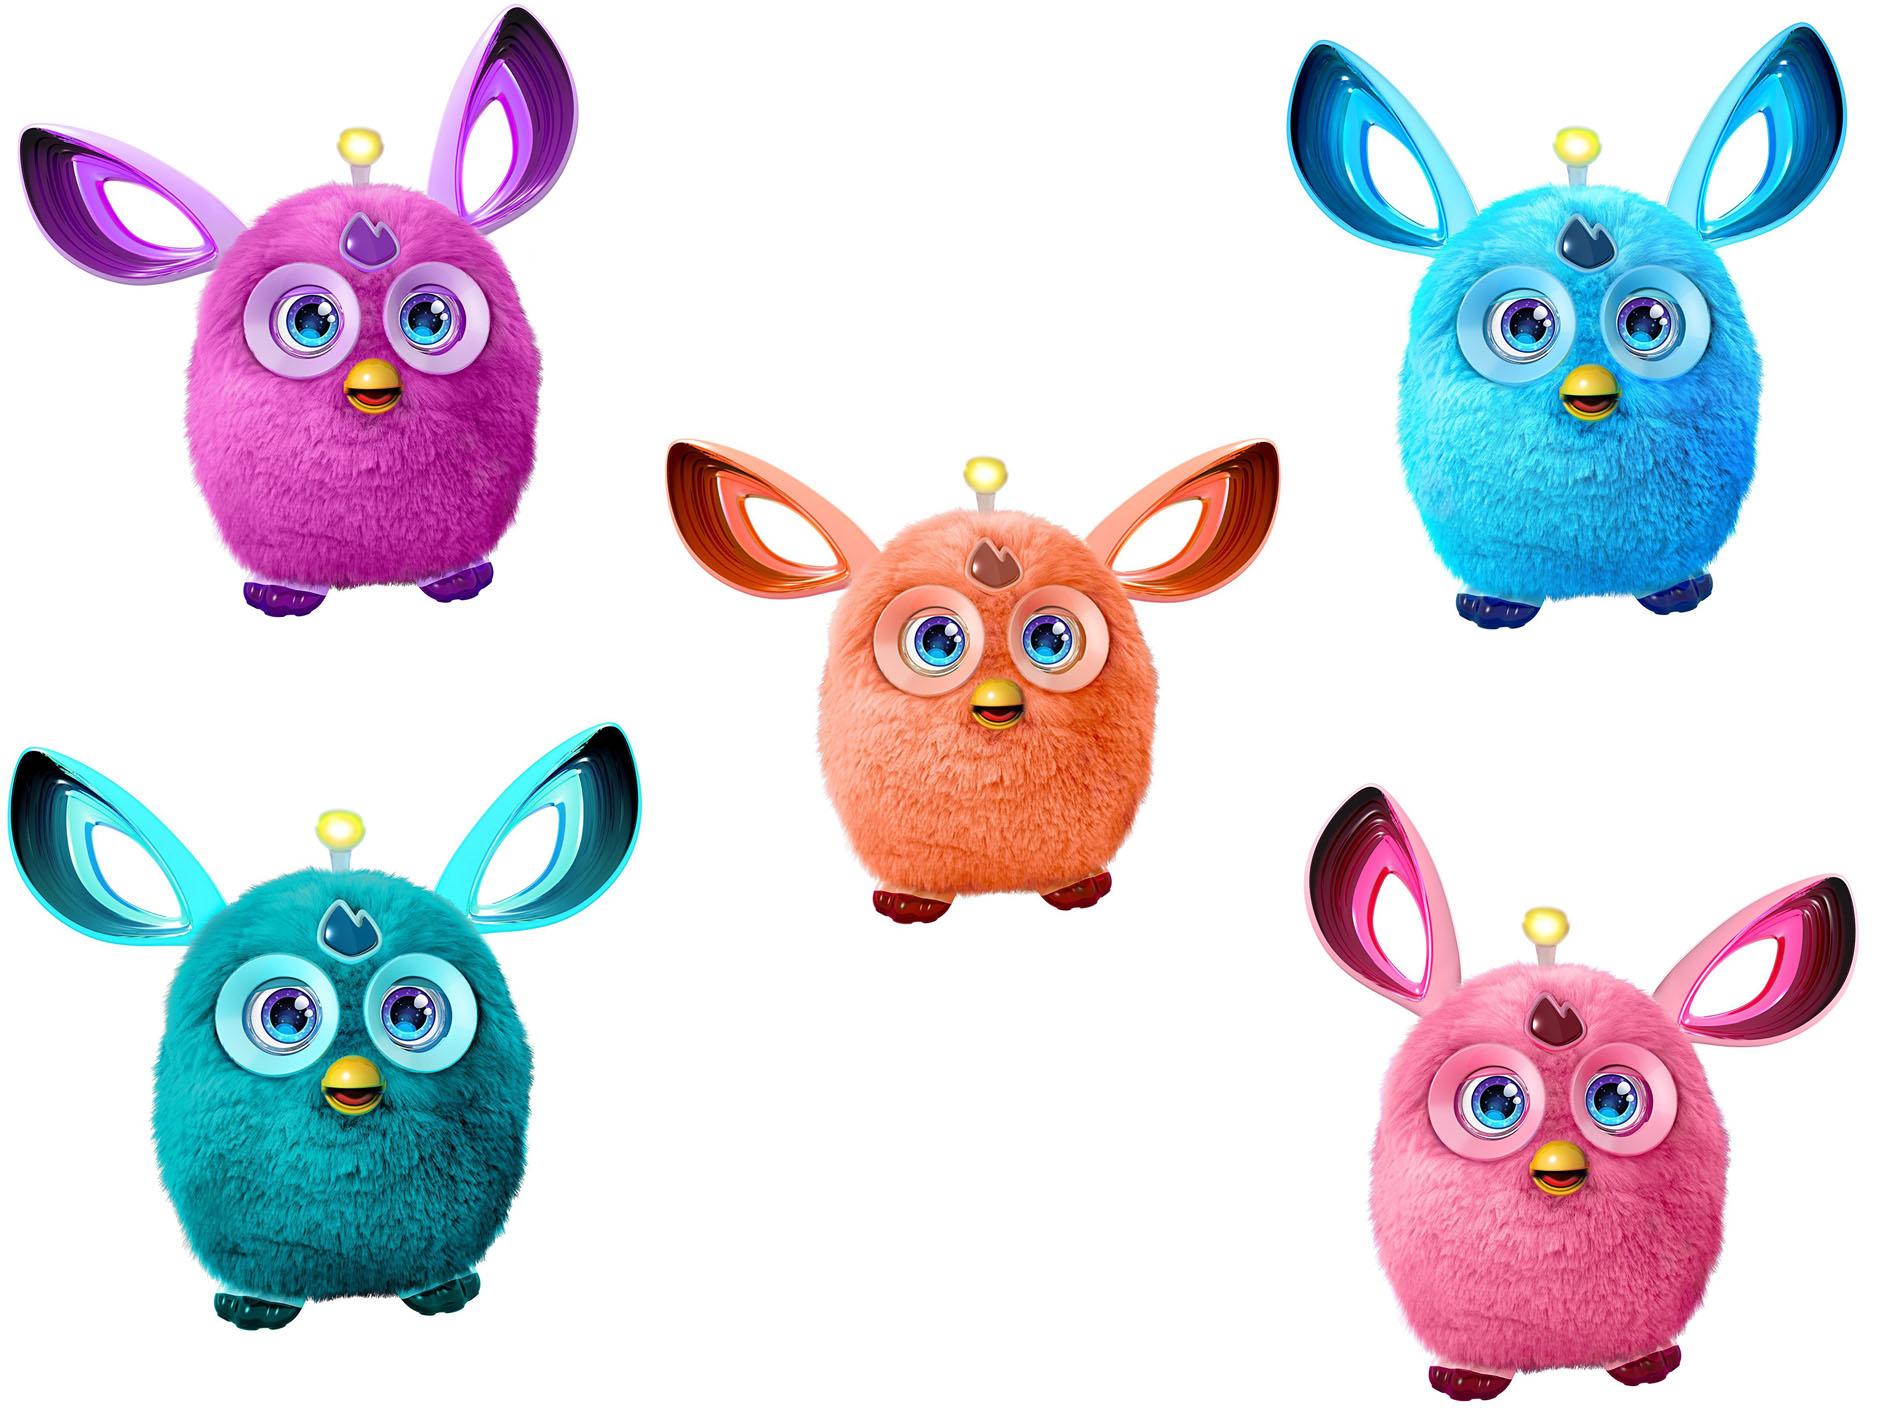 Интерактивная игрушка Ферби Коннект, серия Лед от Toyway